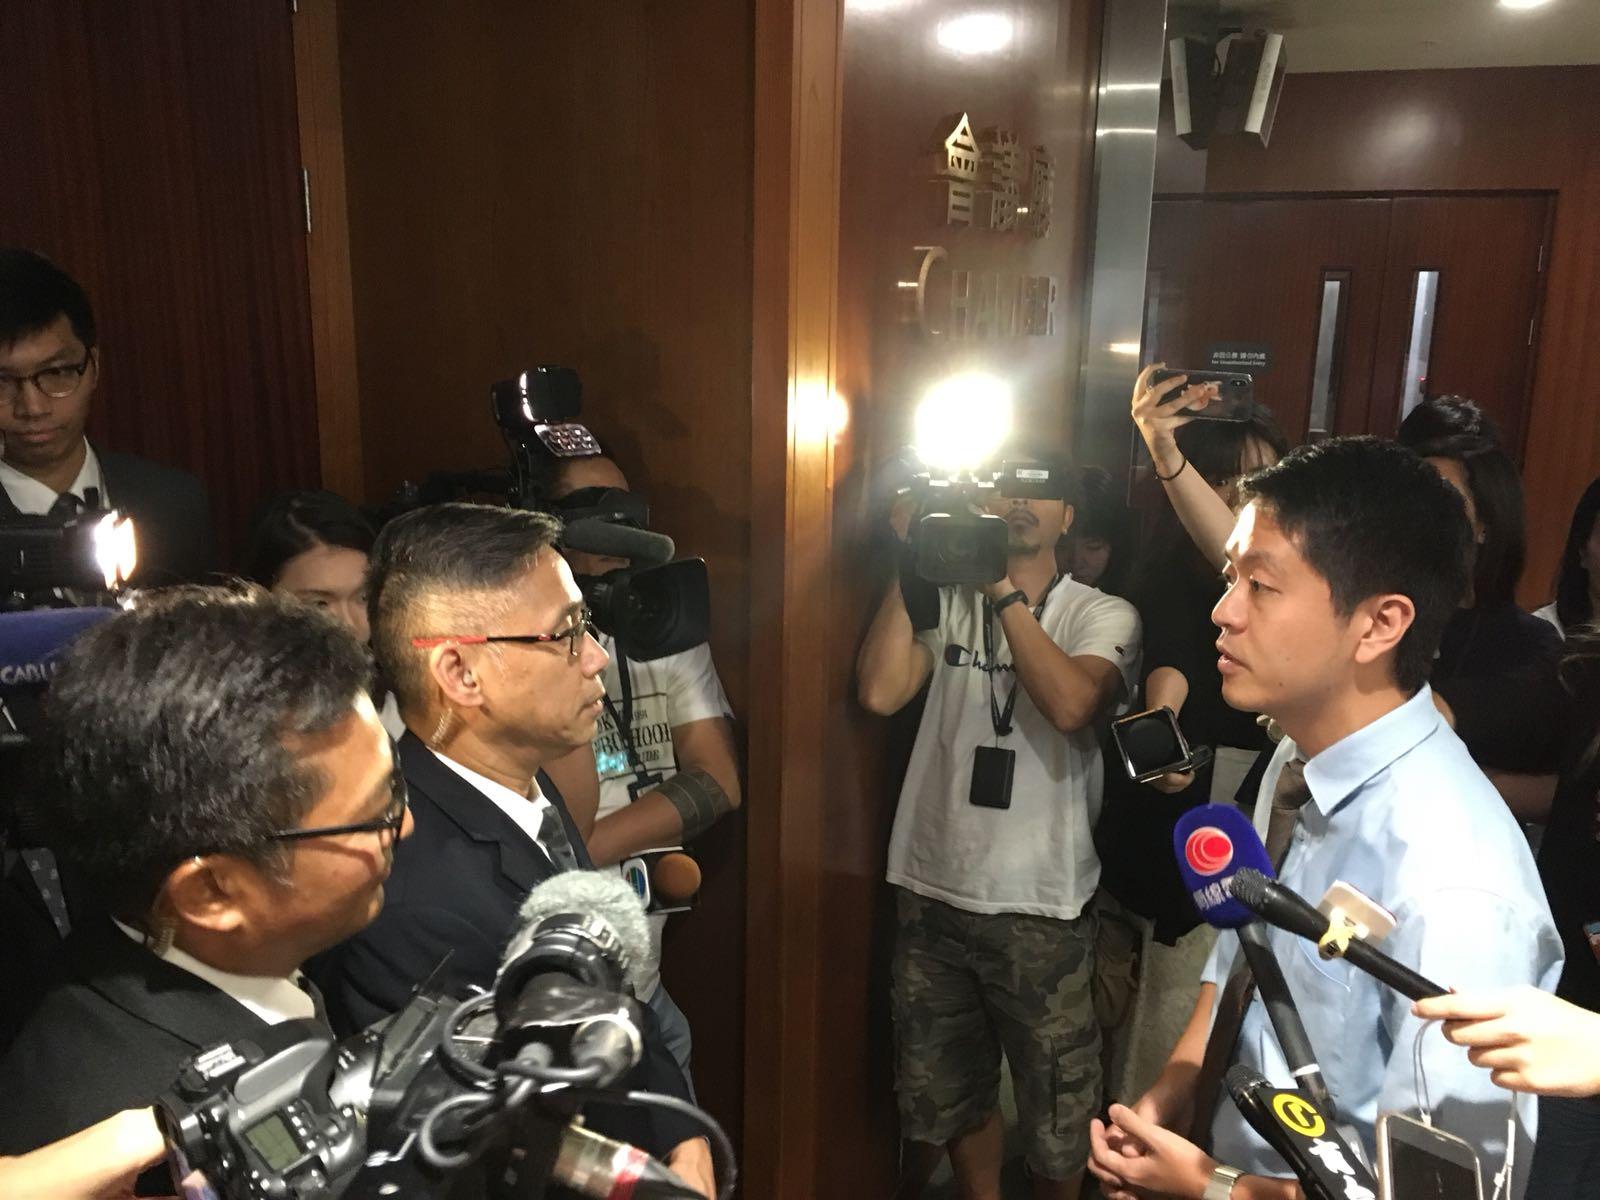 許智峯同樣被保安拒絕進入會議廳。